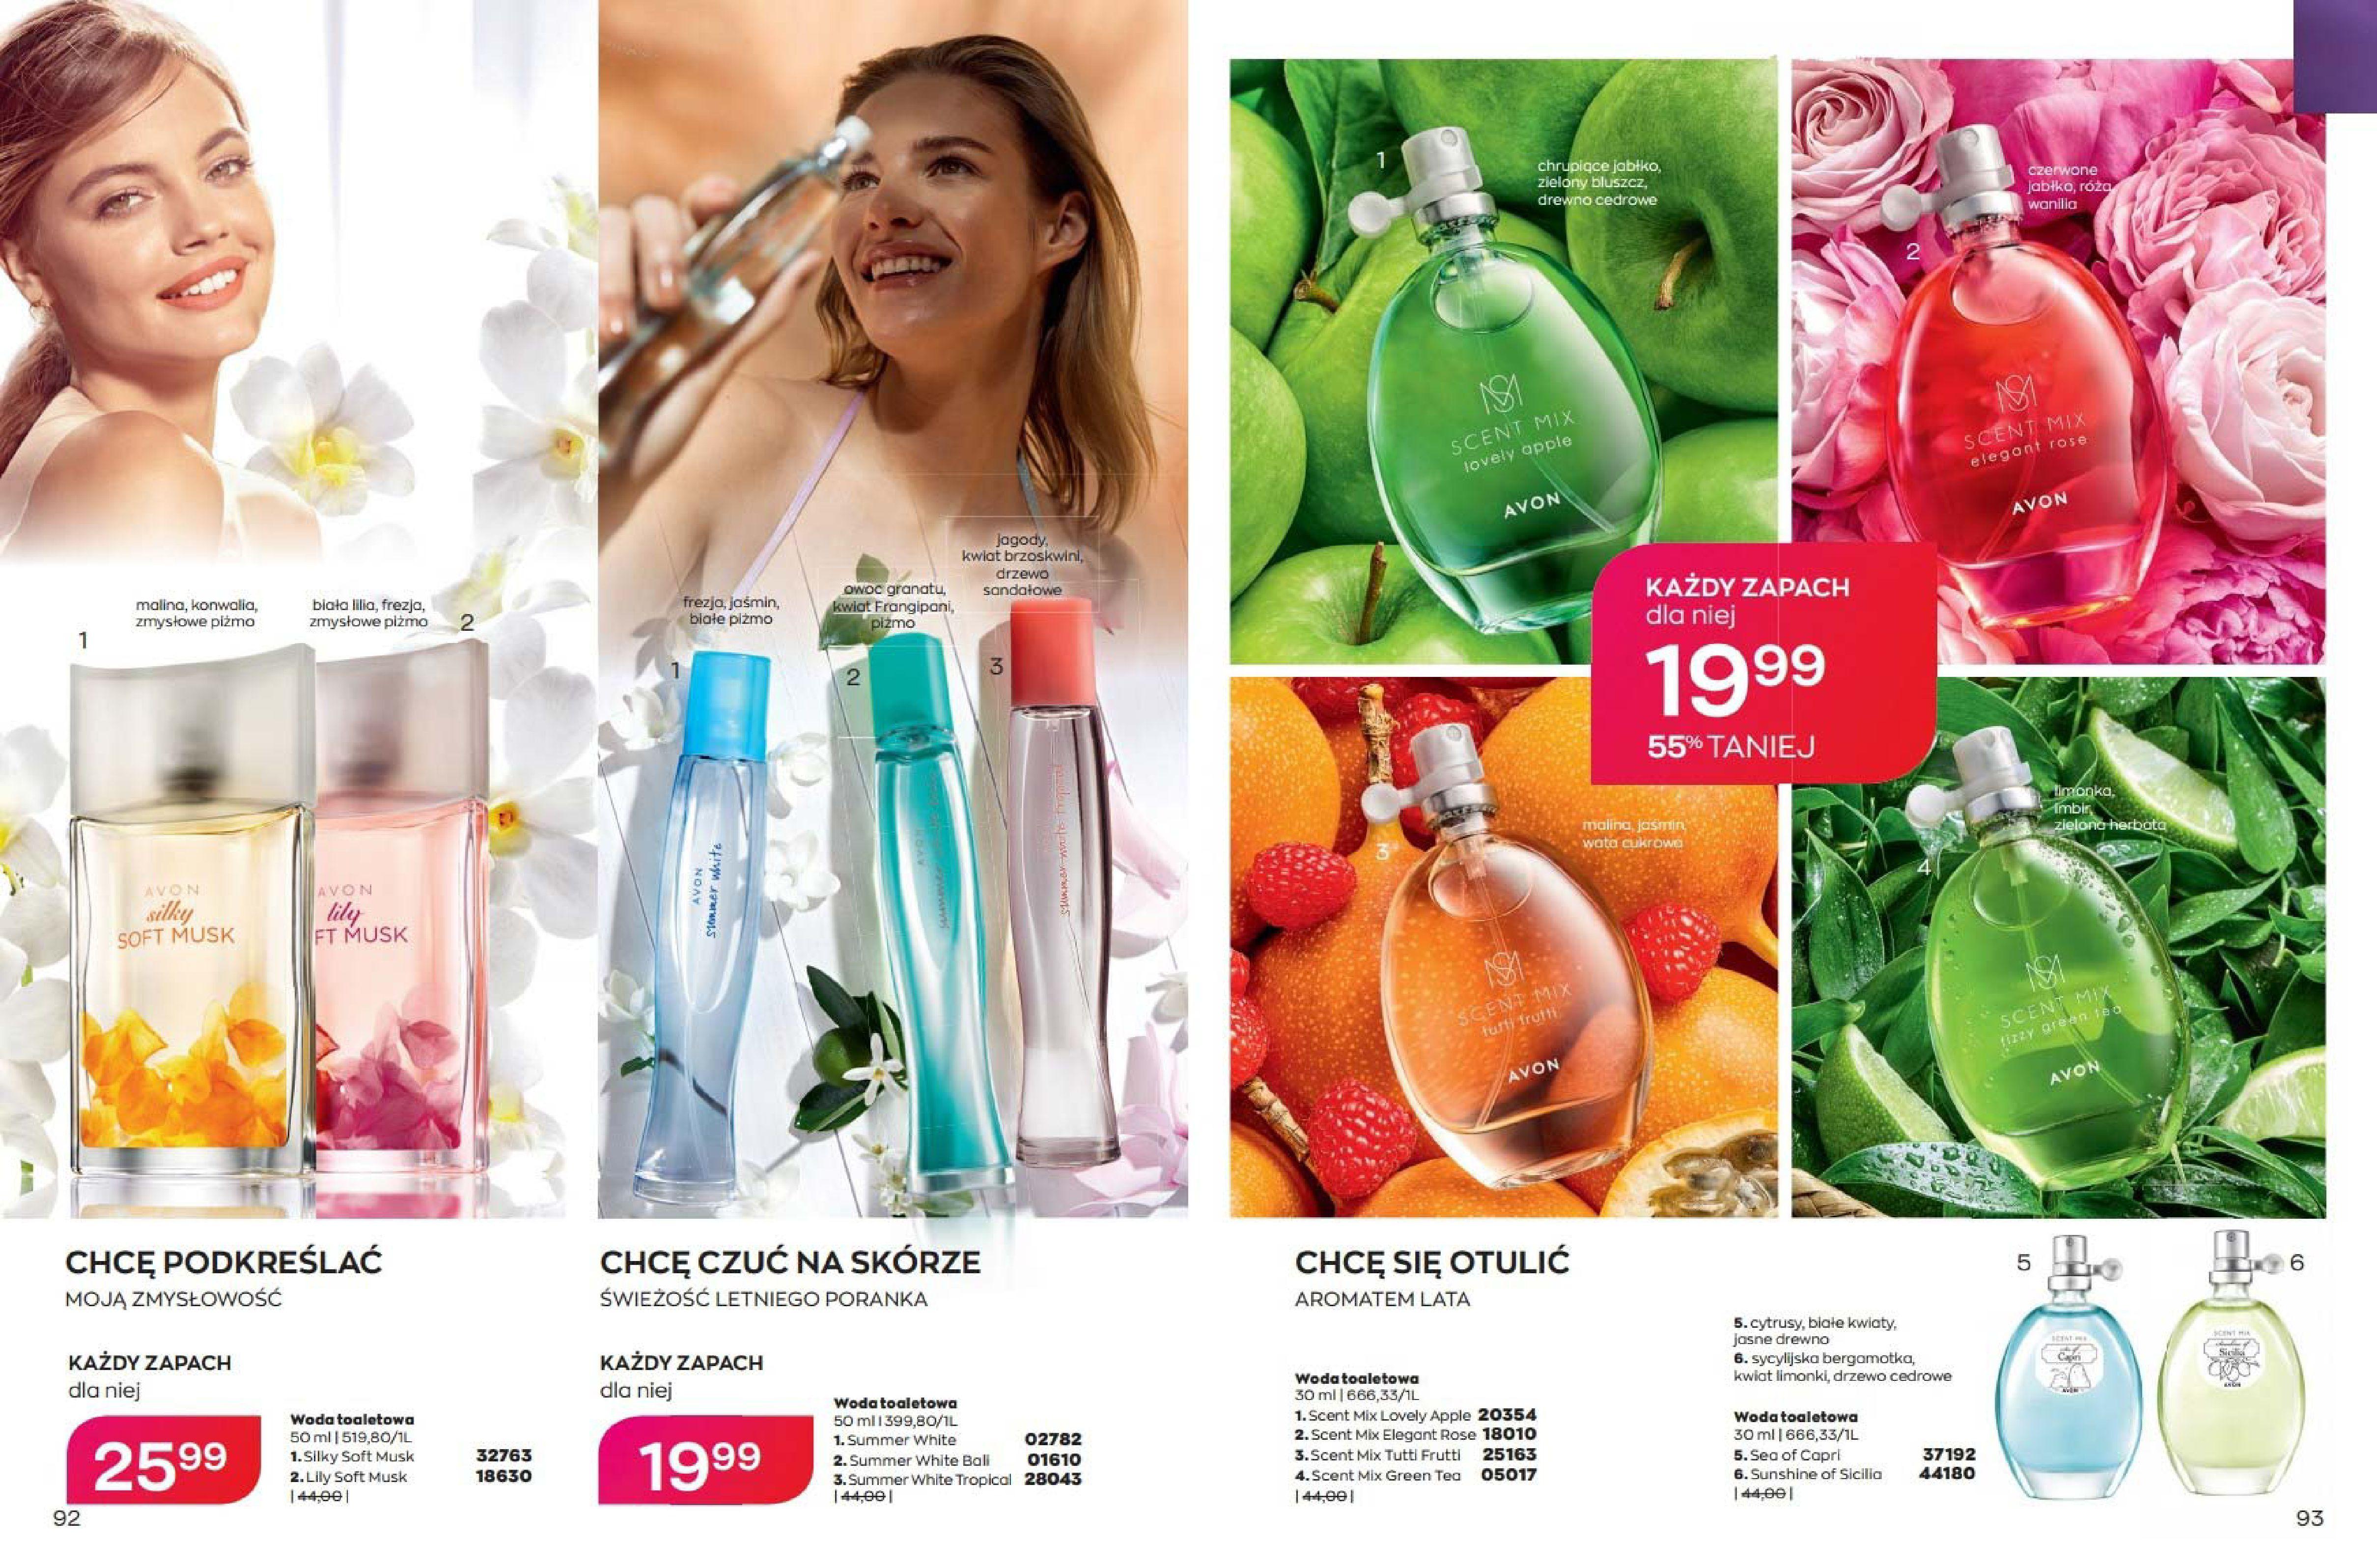 Gazetka Avon: Katalog Avon - Lipiec 2021 2021-07-01 page-47